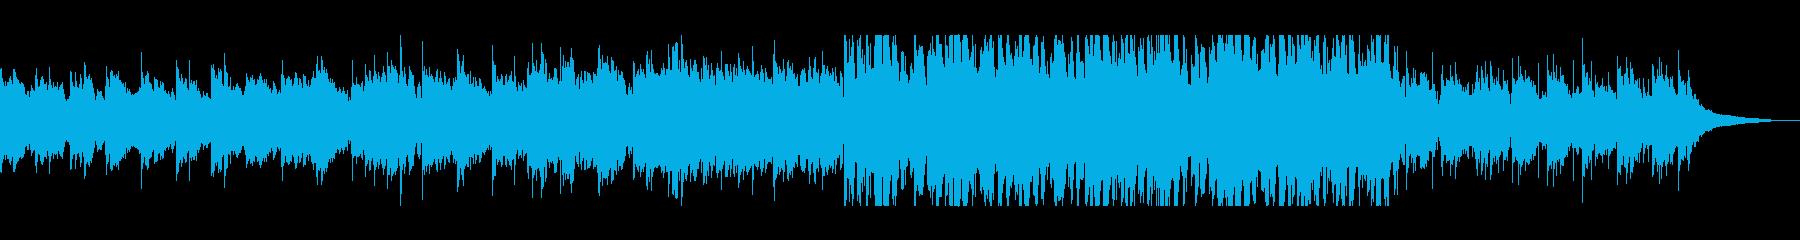 悲しげなシンセピアノテクノバラードの再生済みの波形